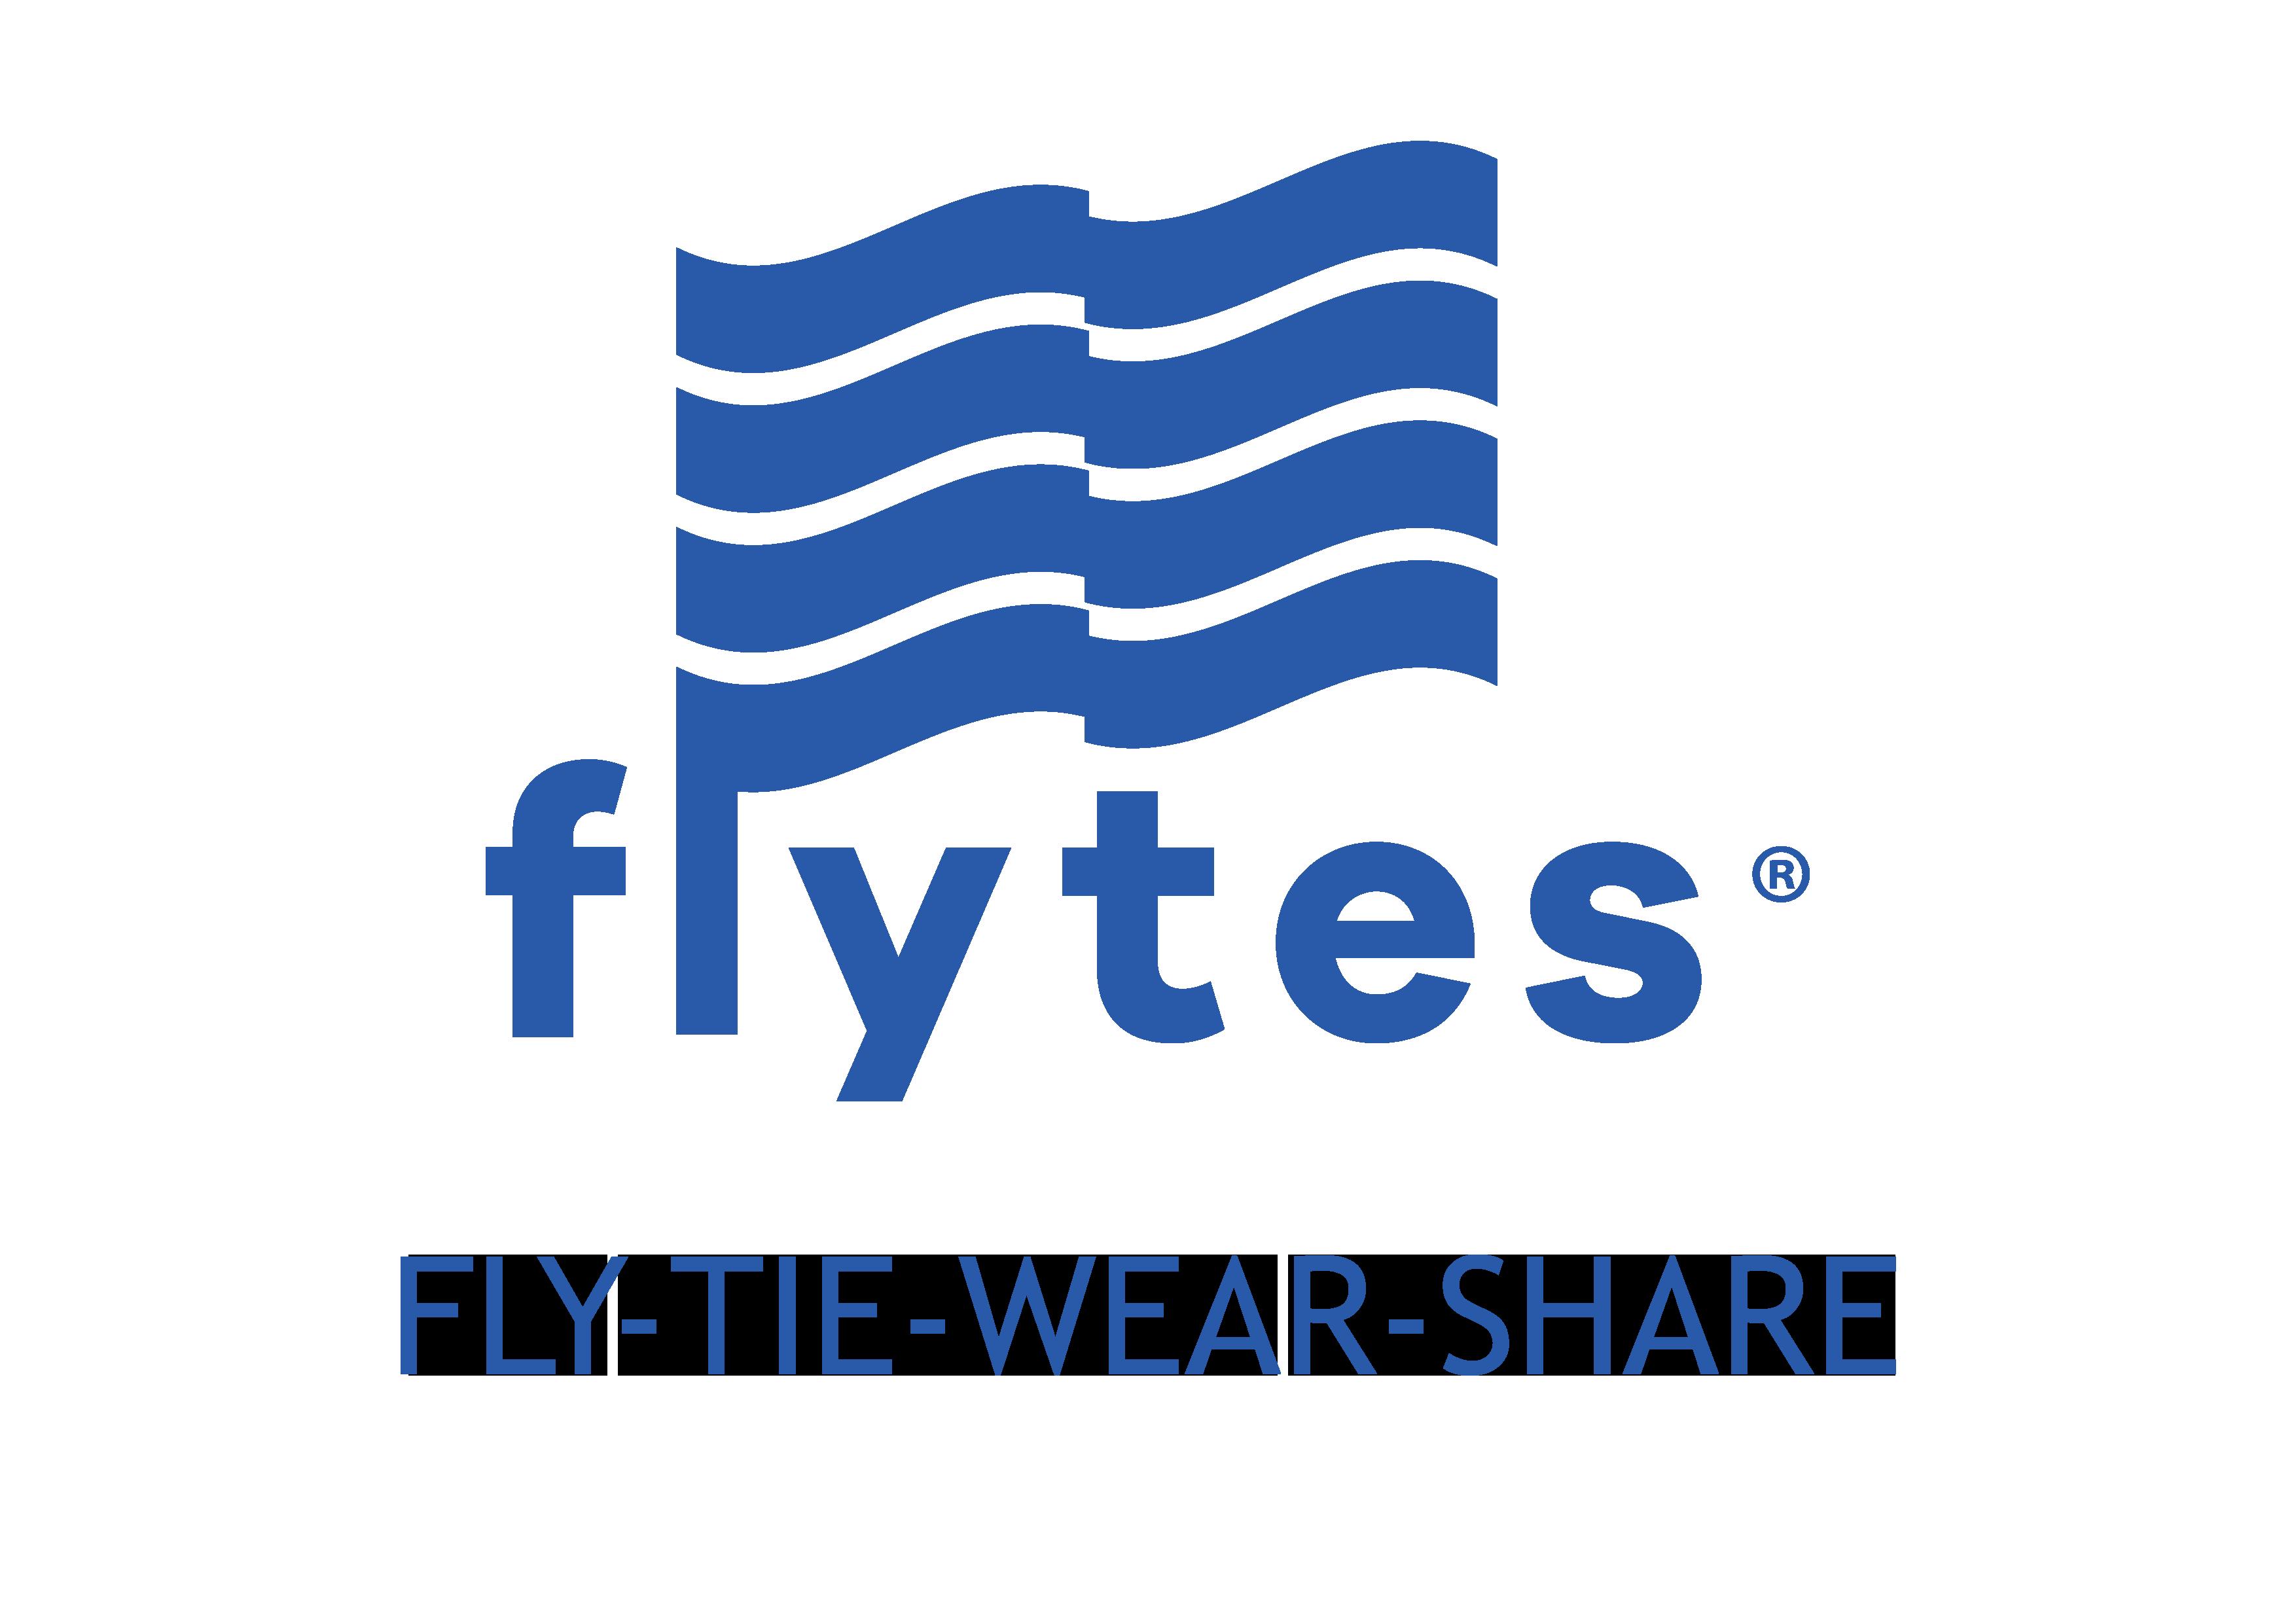 new flytes logo text